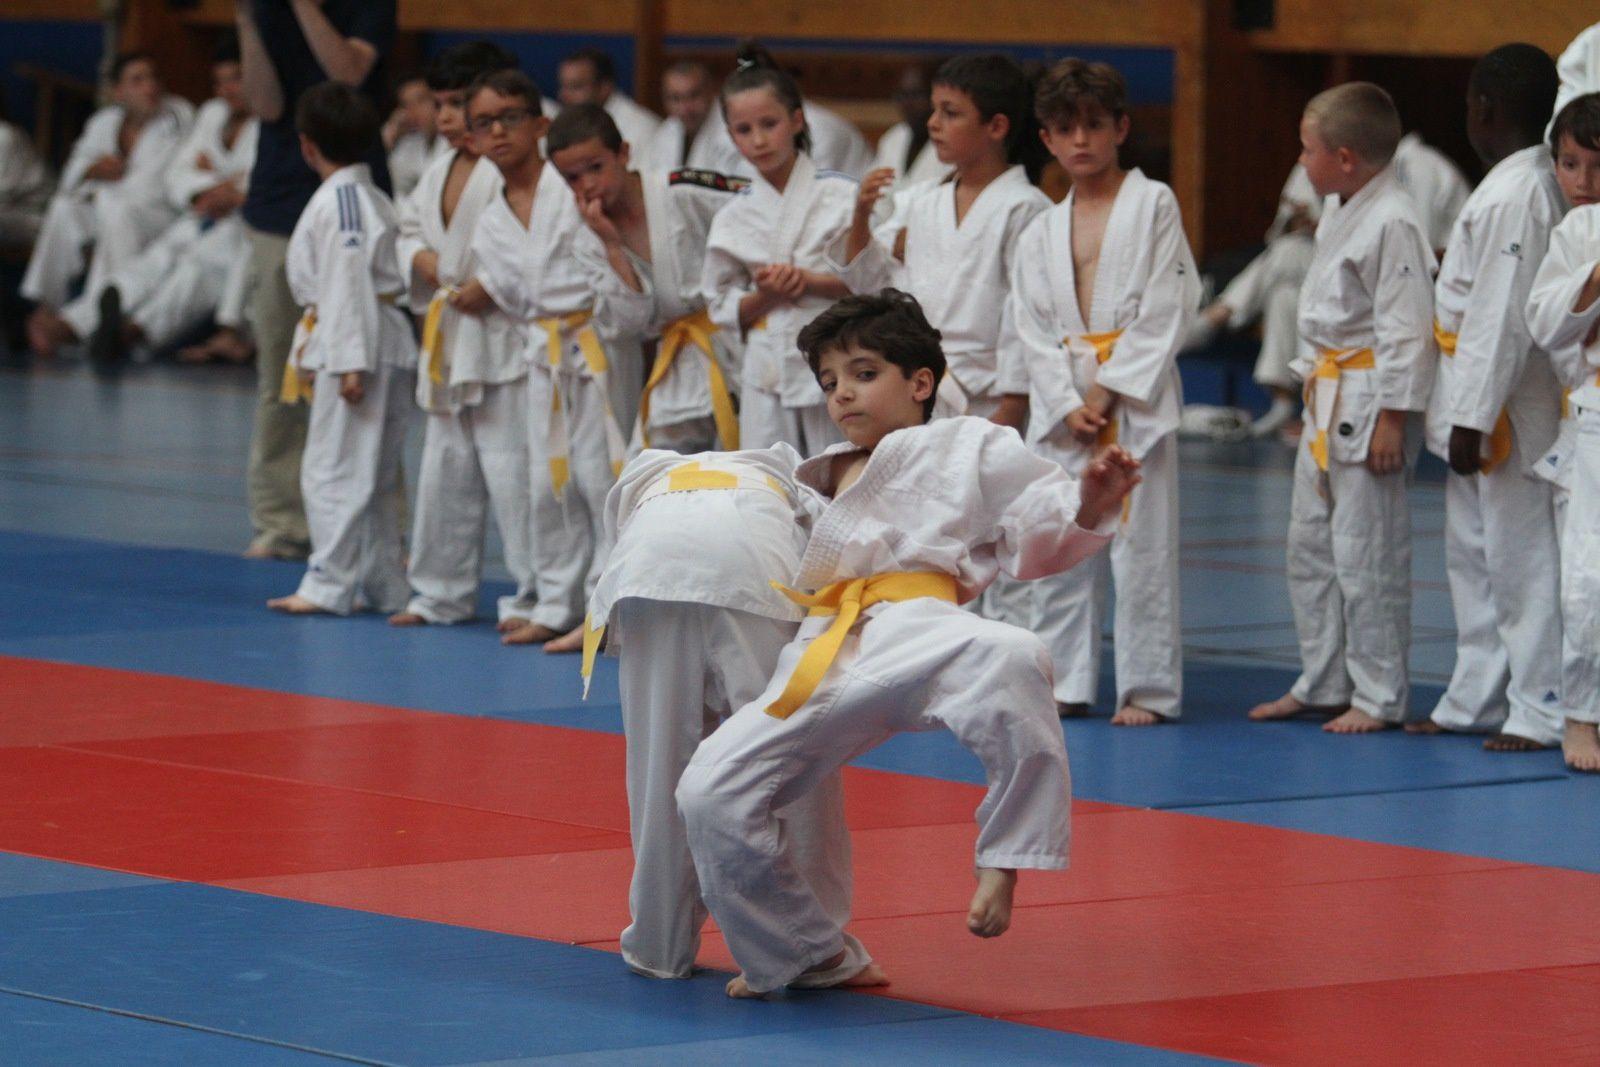 Le judo version Parilly a fini la saison en beauté